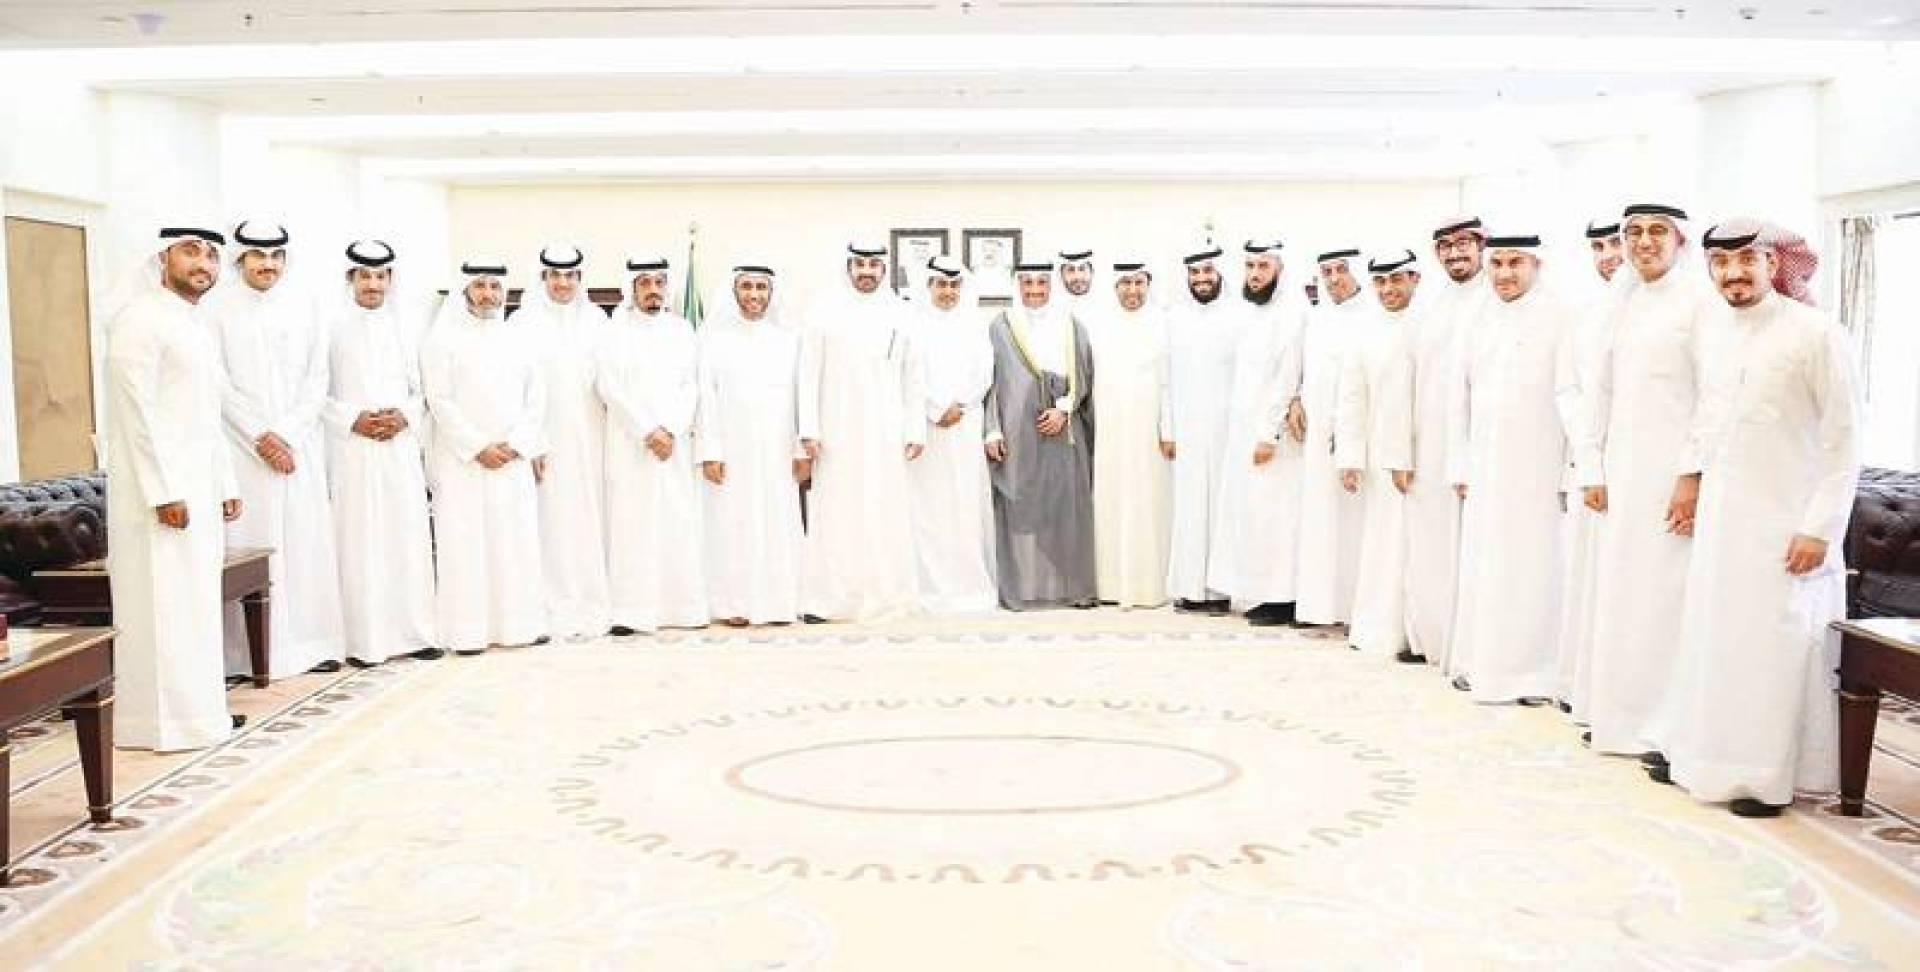 الغانم مع أ عضاء مجلسي  جمعيتي المحامين وجمعية الشريعة الطلابية